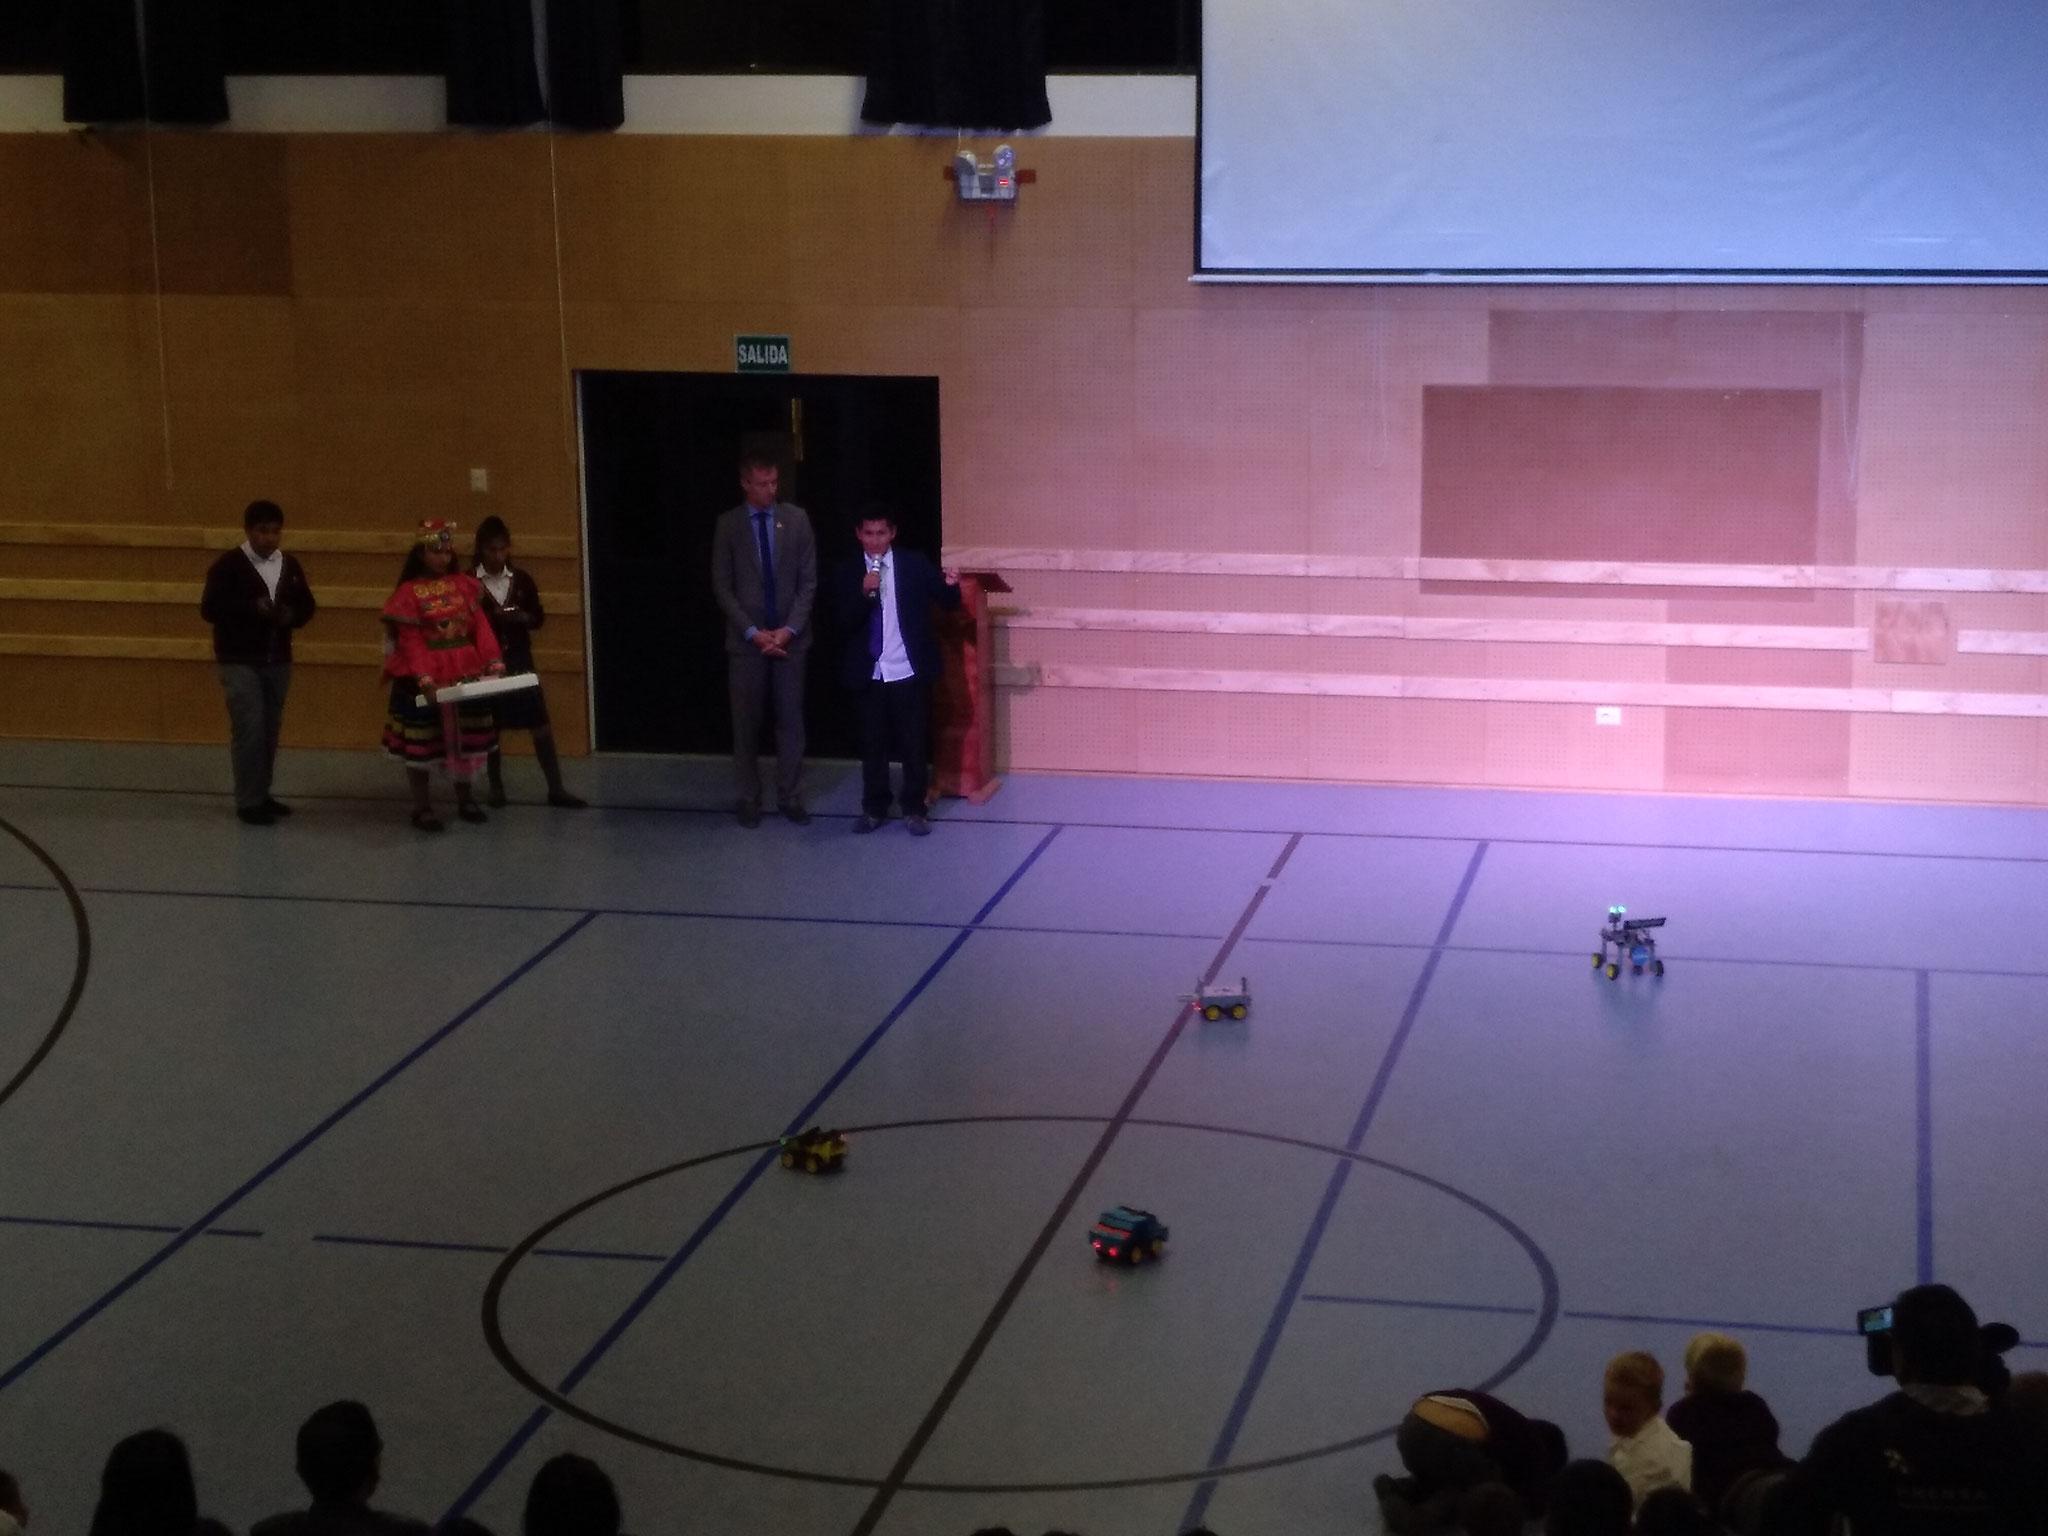 Die Robotergruppe stellt ihre Ergebnisse vor.